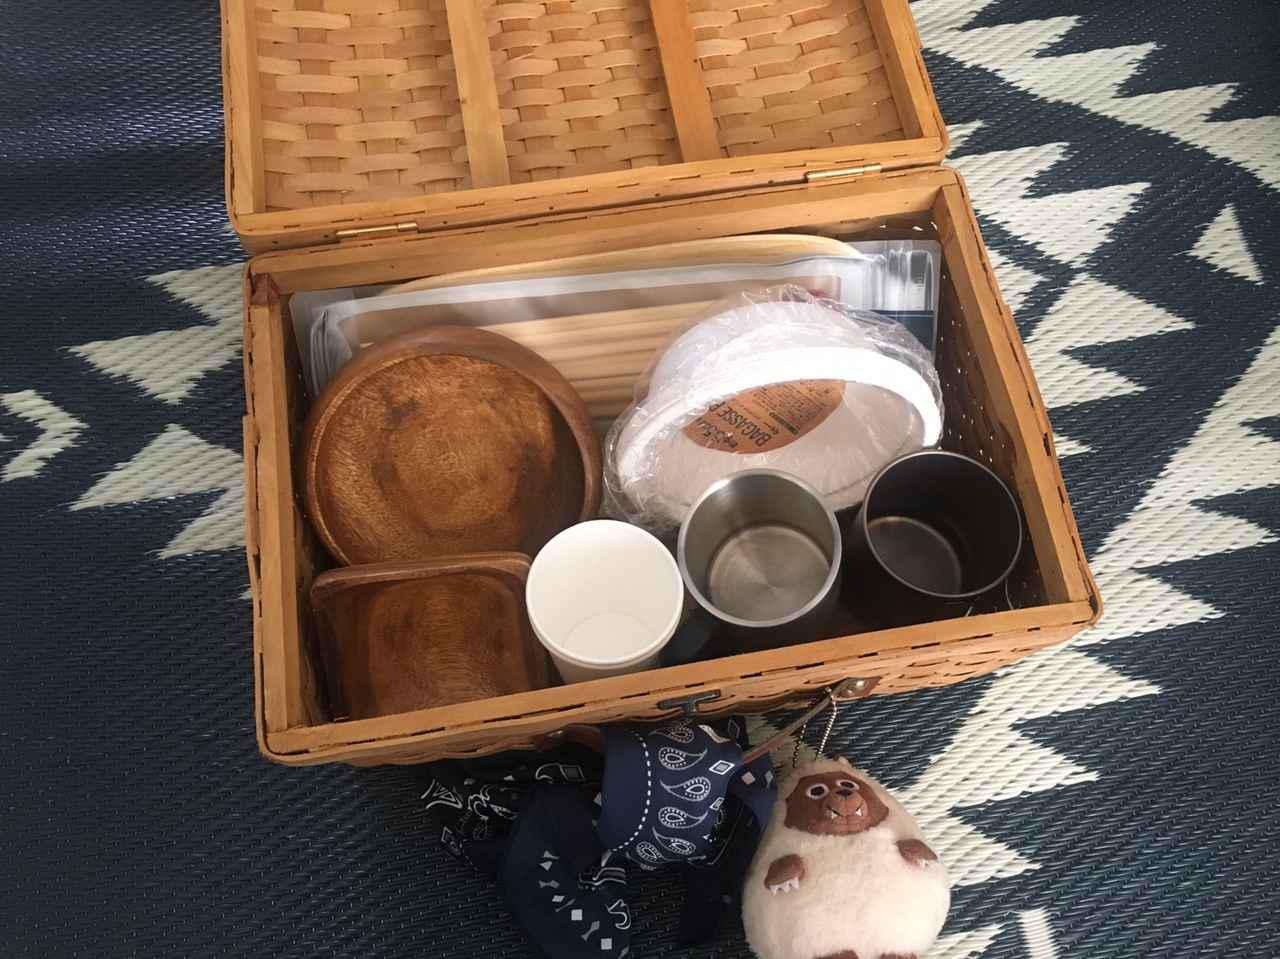 画像: キャンプ用カトラリーセットのおすすめ収納術! 食器をおしゃれに持ち運ぼう! - ハピキャン(HAPPY CAMPER)